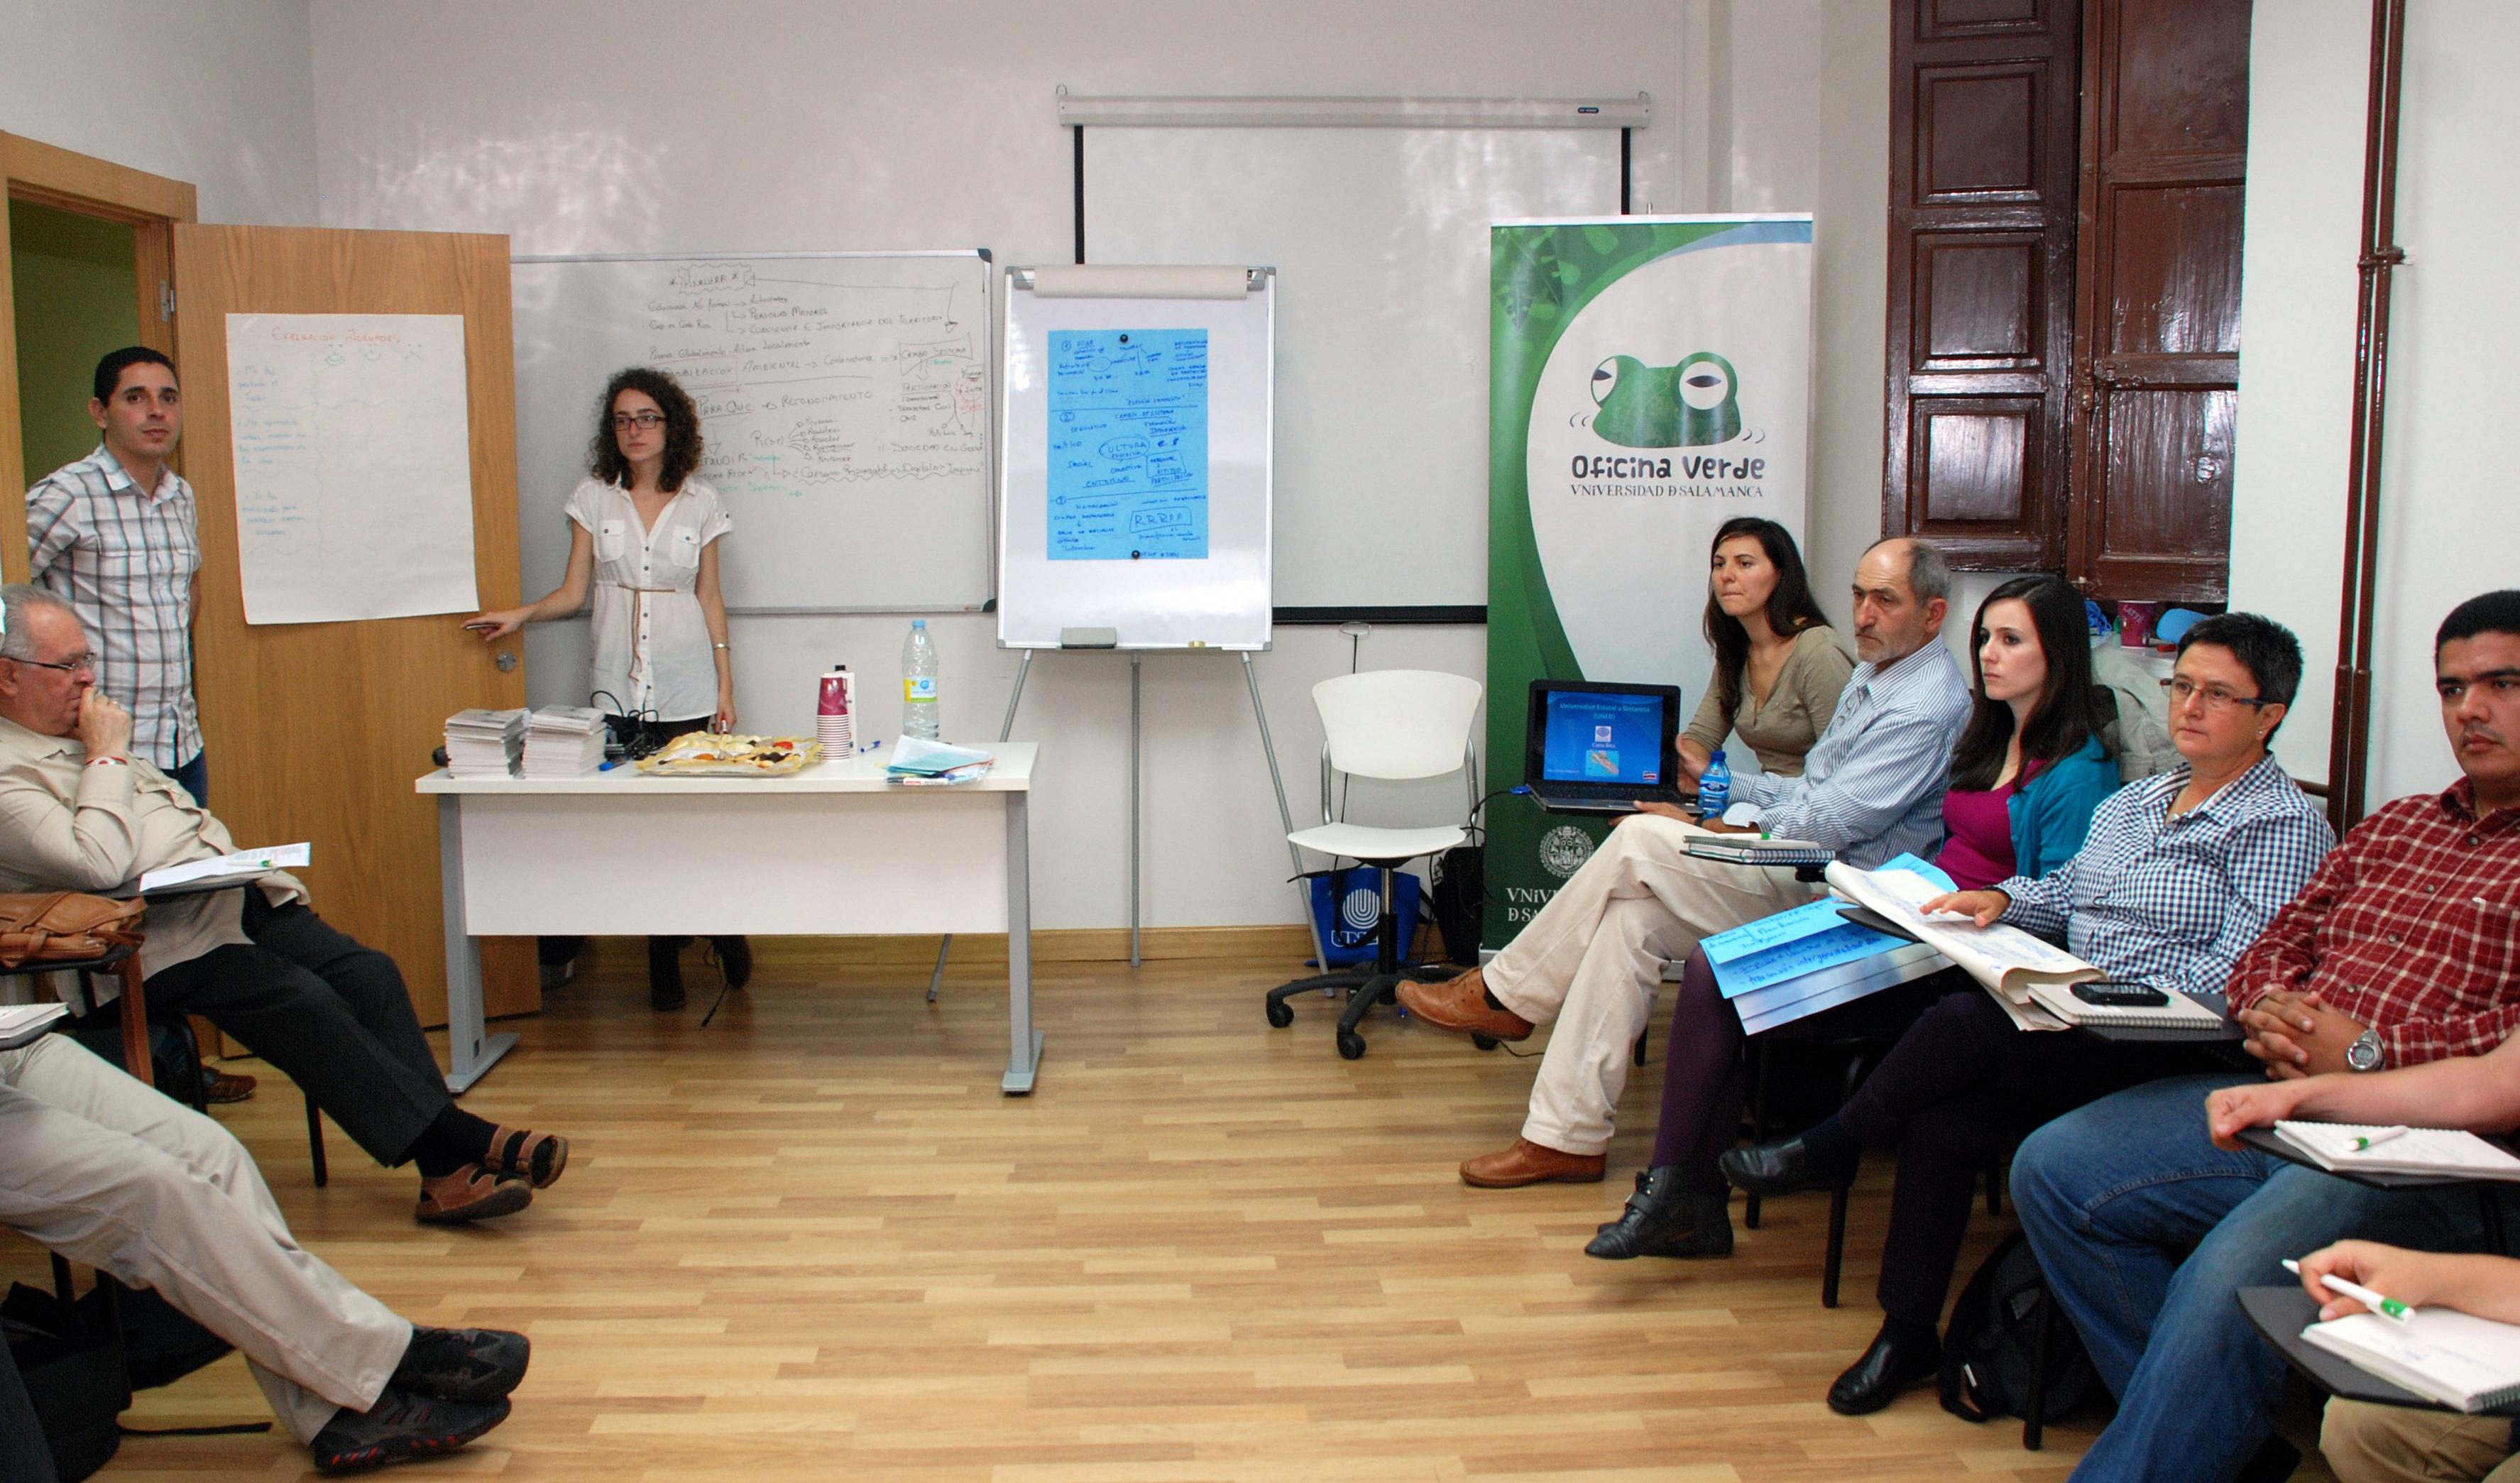 La Oficina Verde de la Universidad de Salamanca organiza una jornada sobre 'Corresponsabilidad social y ambiental'